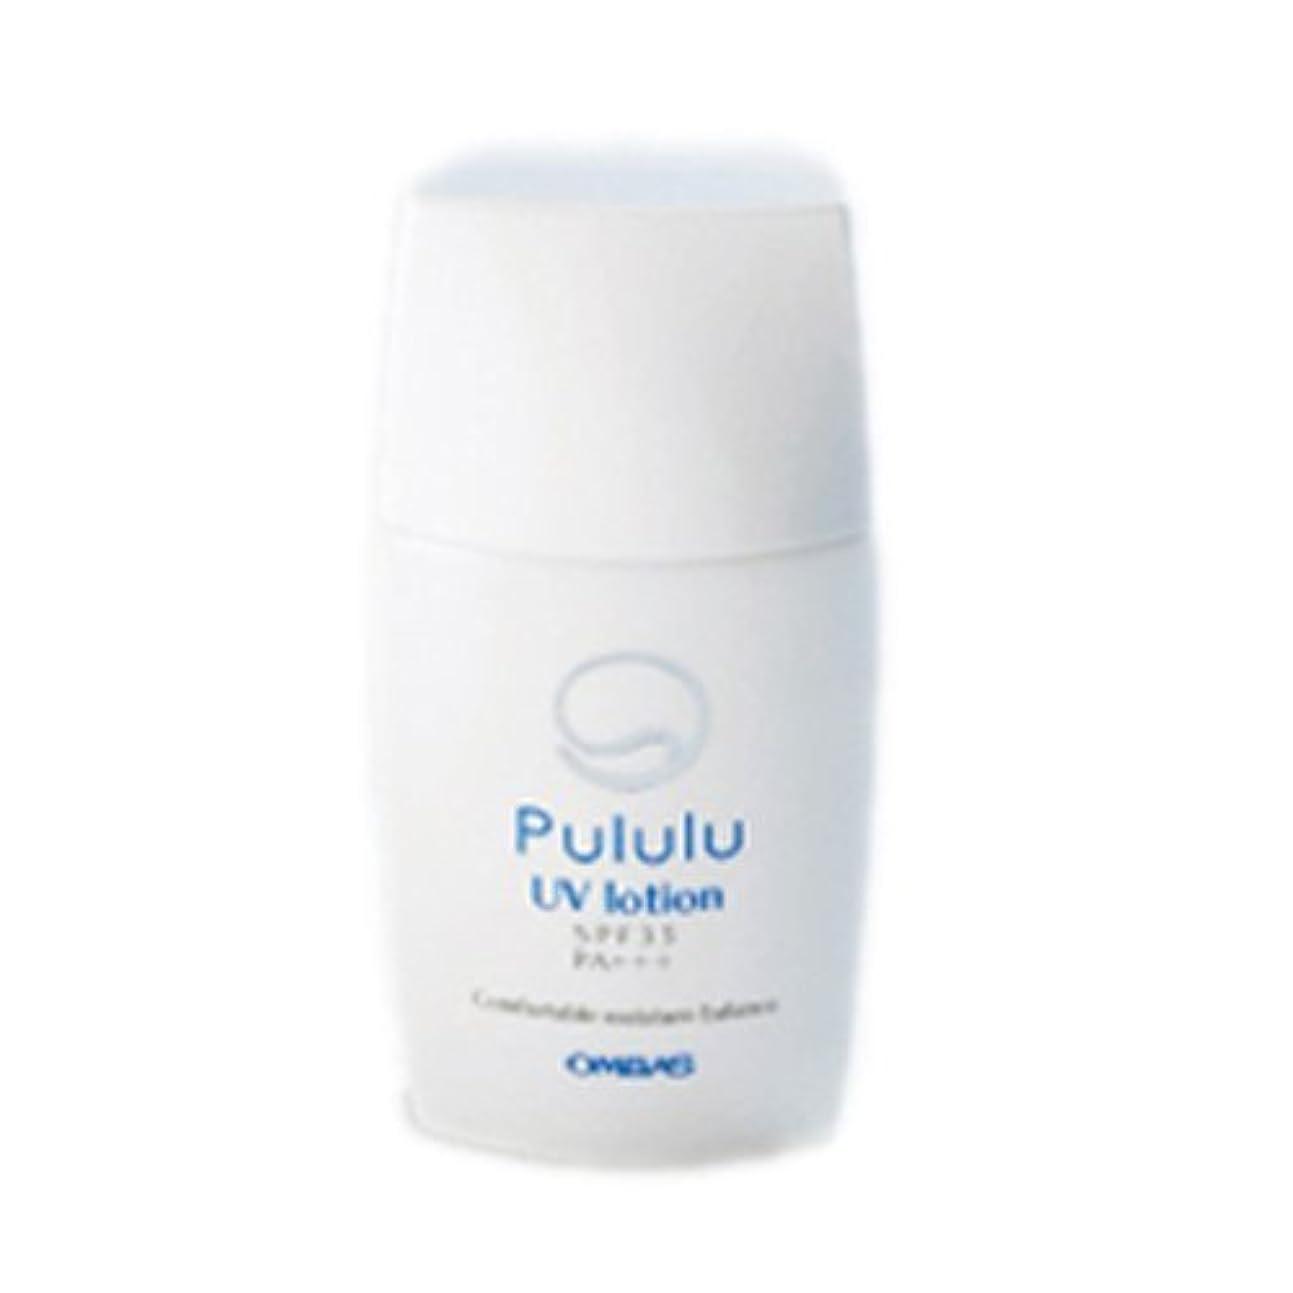 集中価格保護するPululu シリーズ Pululu UVローション